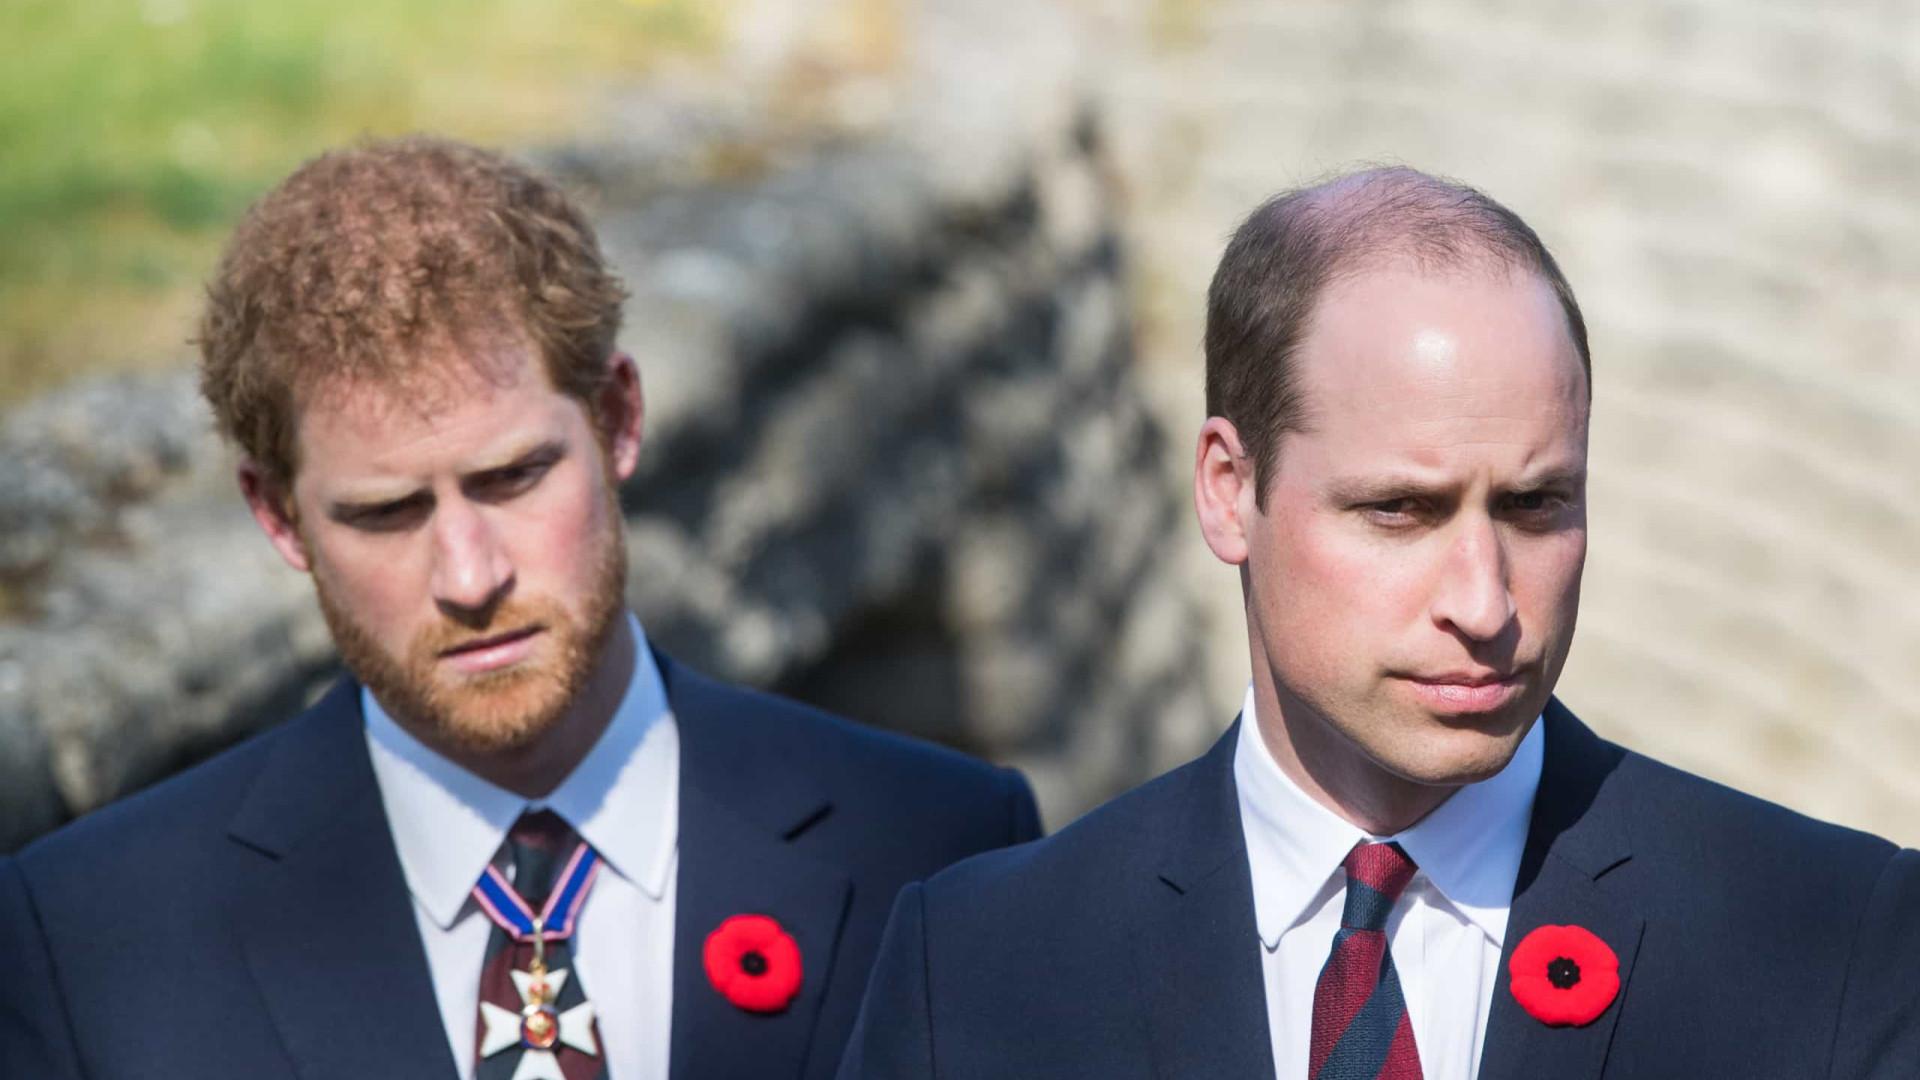 Príncipe William teme que irmão prejudique relação familiar com novas revelações